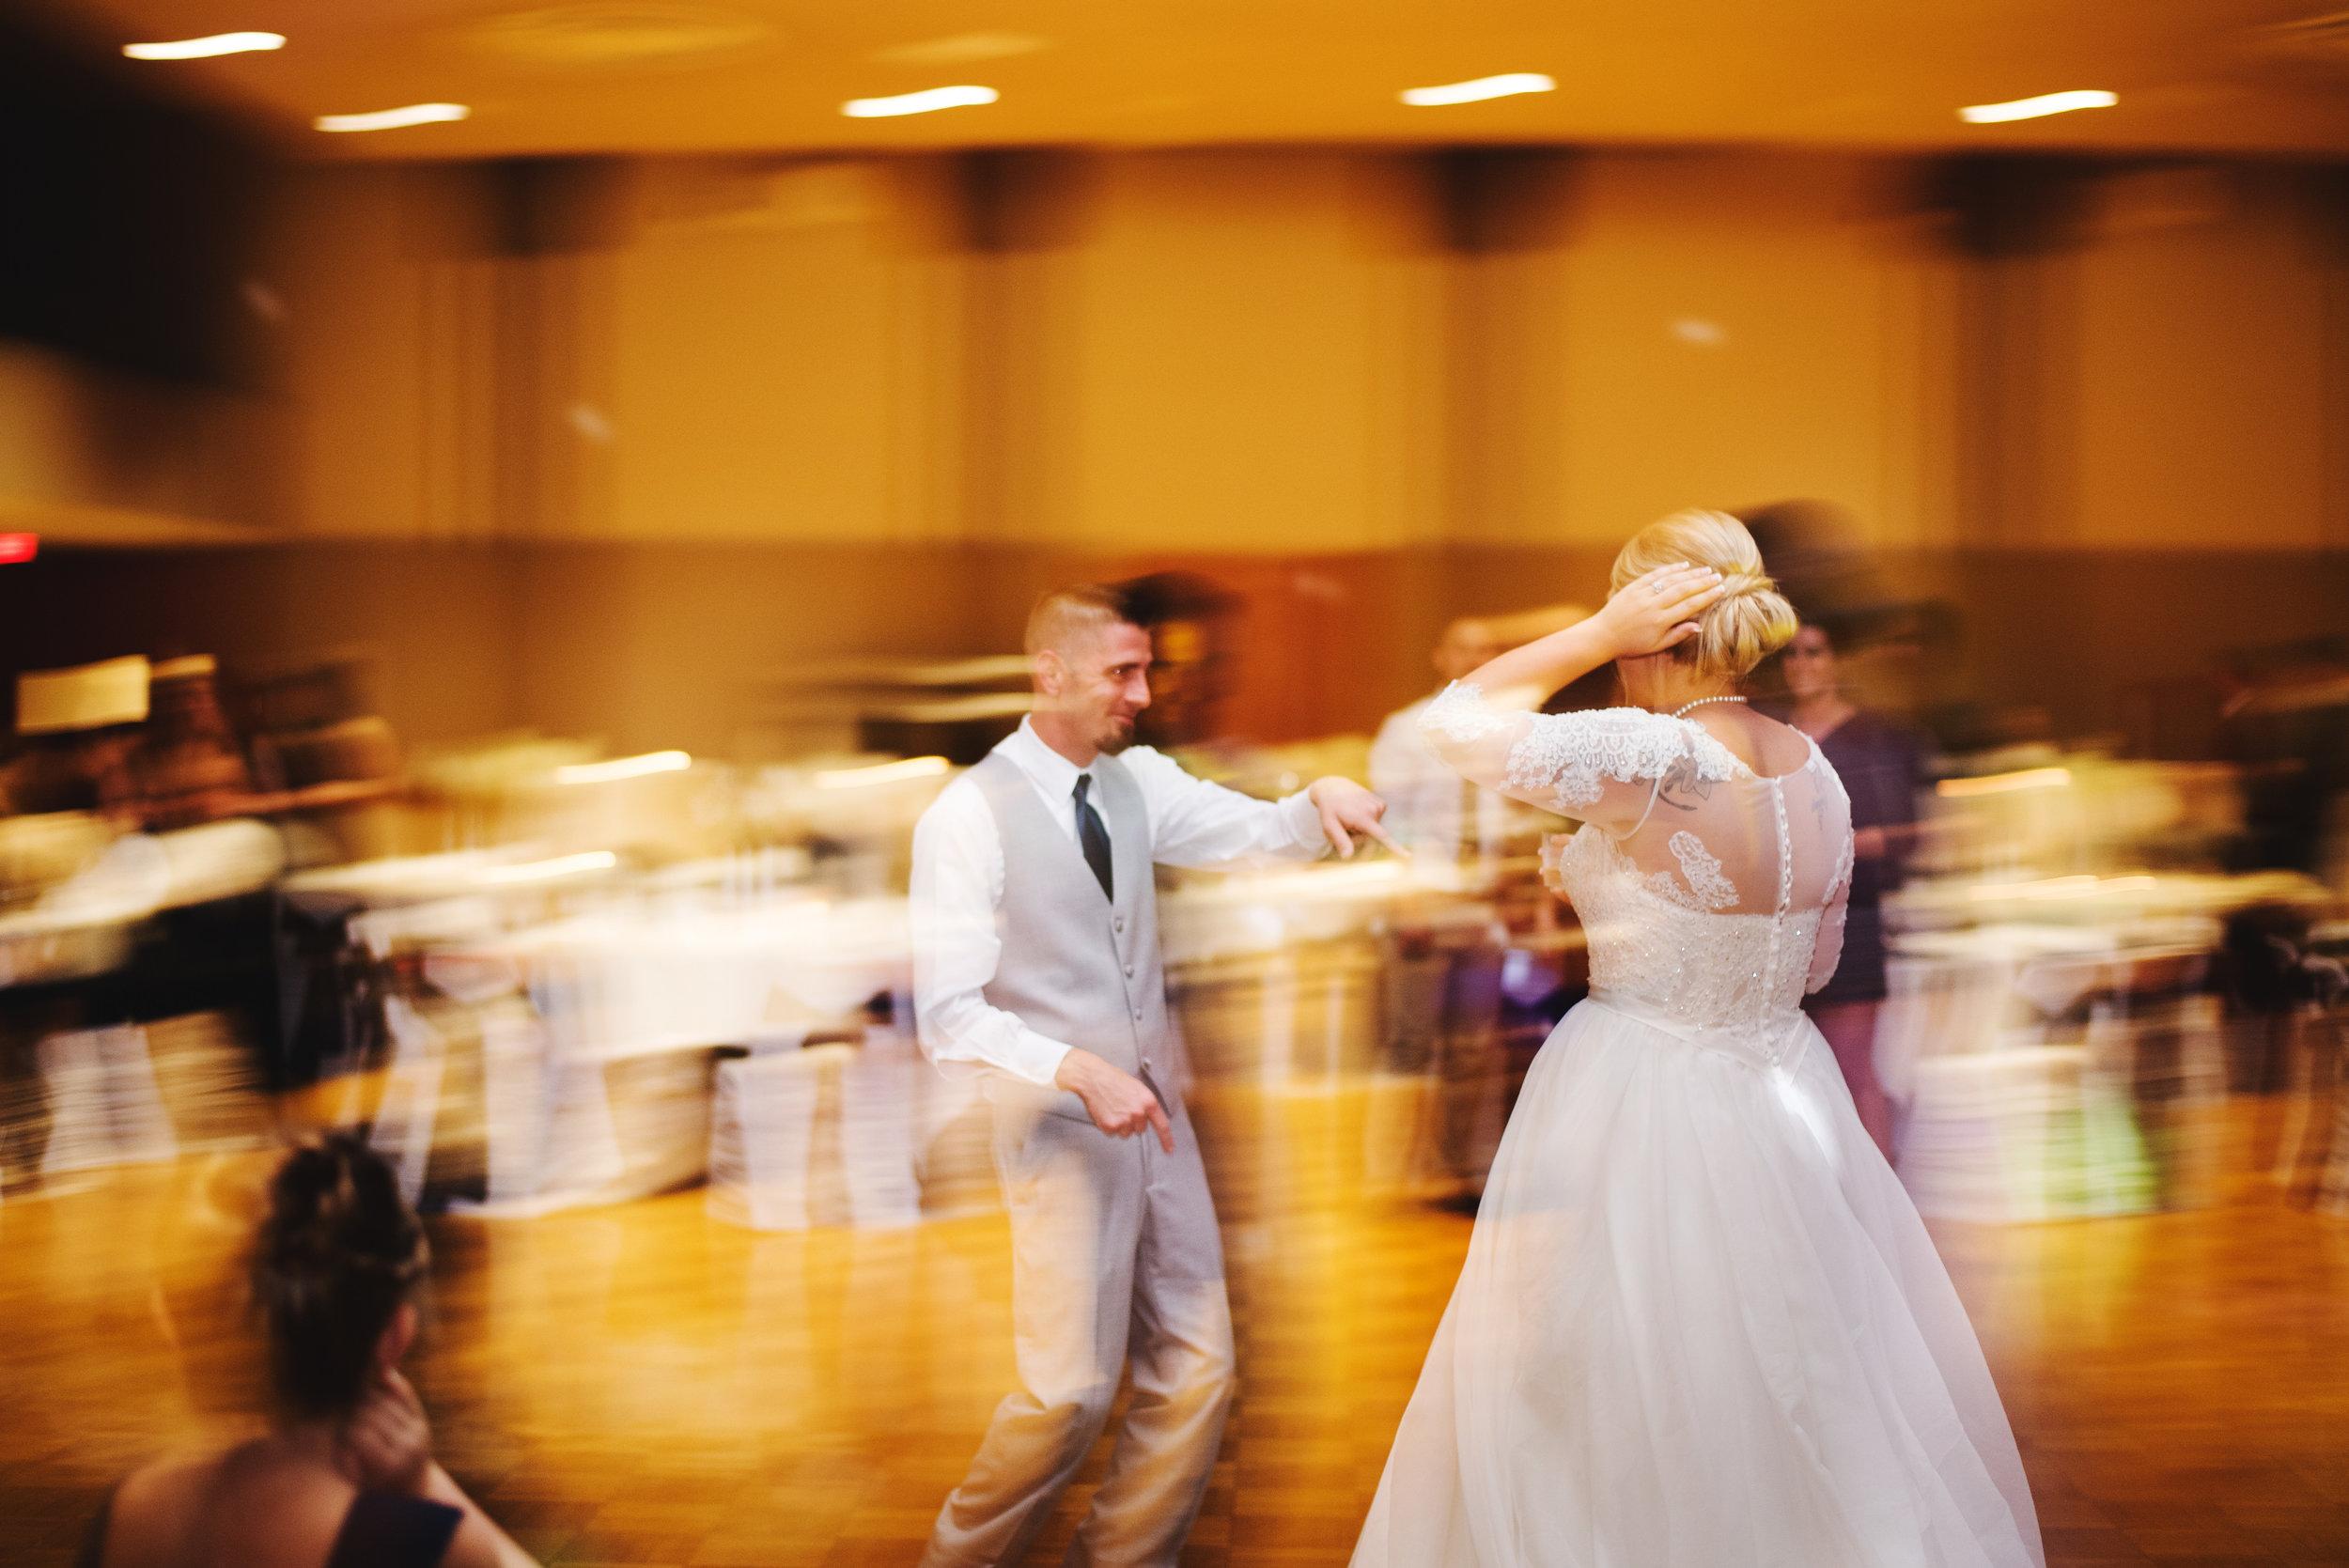 King-Northern-Illinois-University-Wedding157.jpg